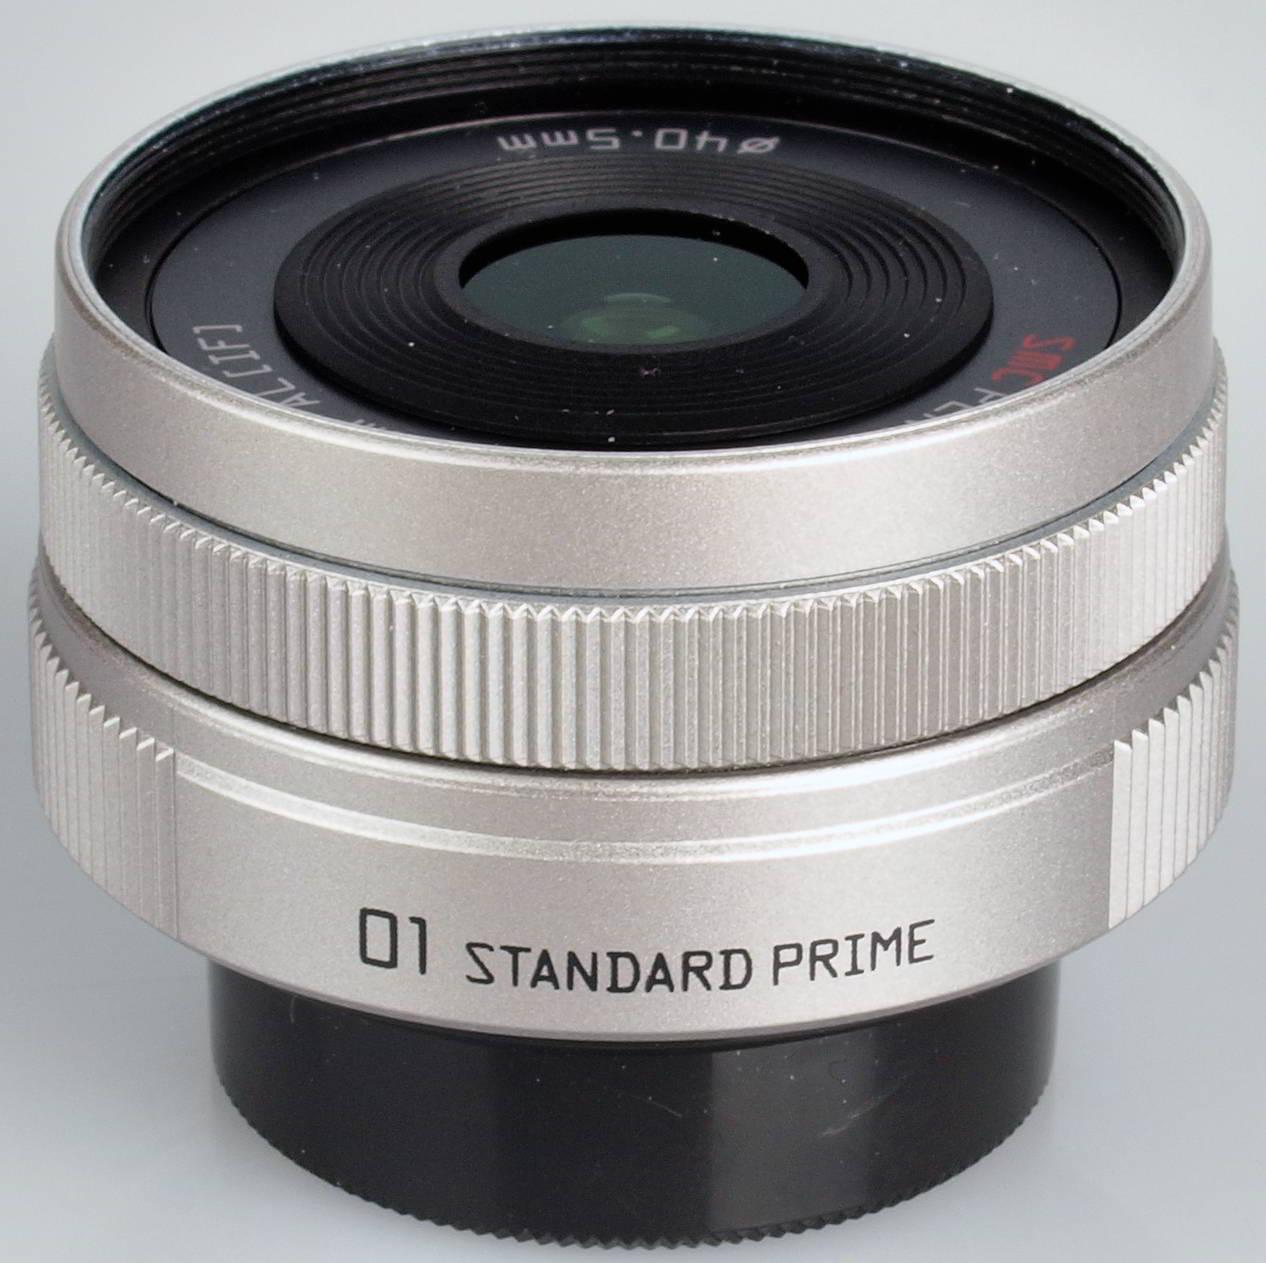 8.5mm f/1.9 AL IF Standard